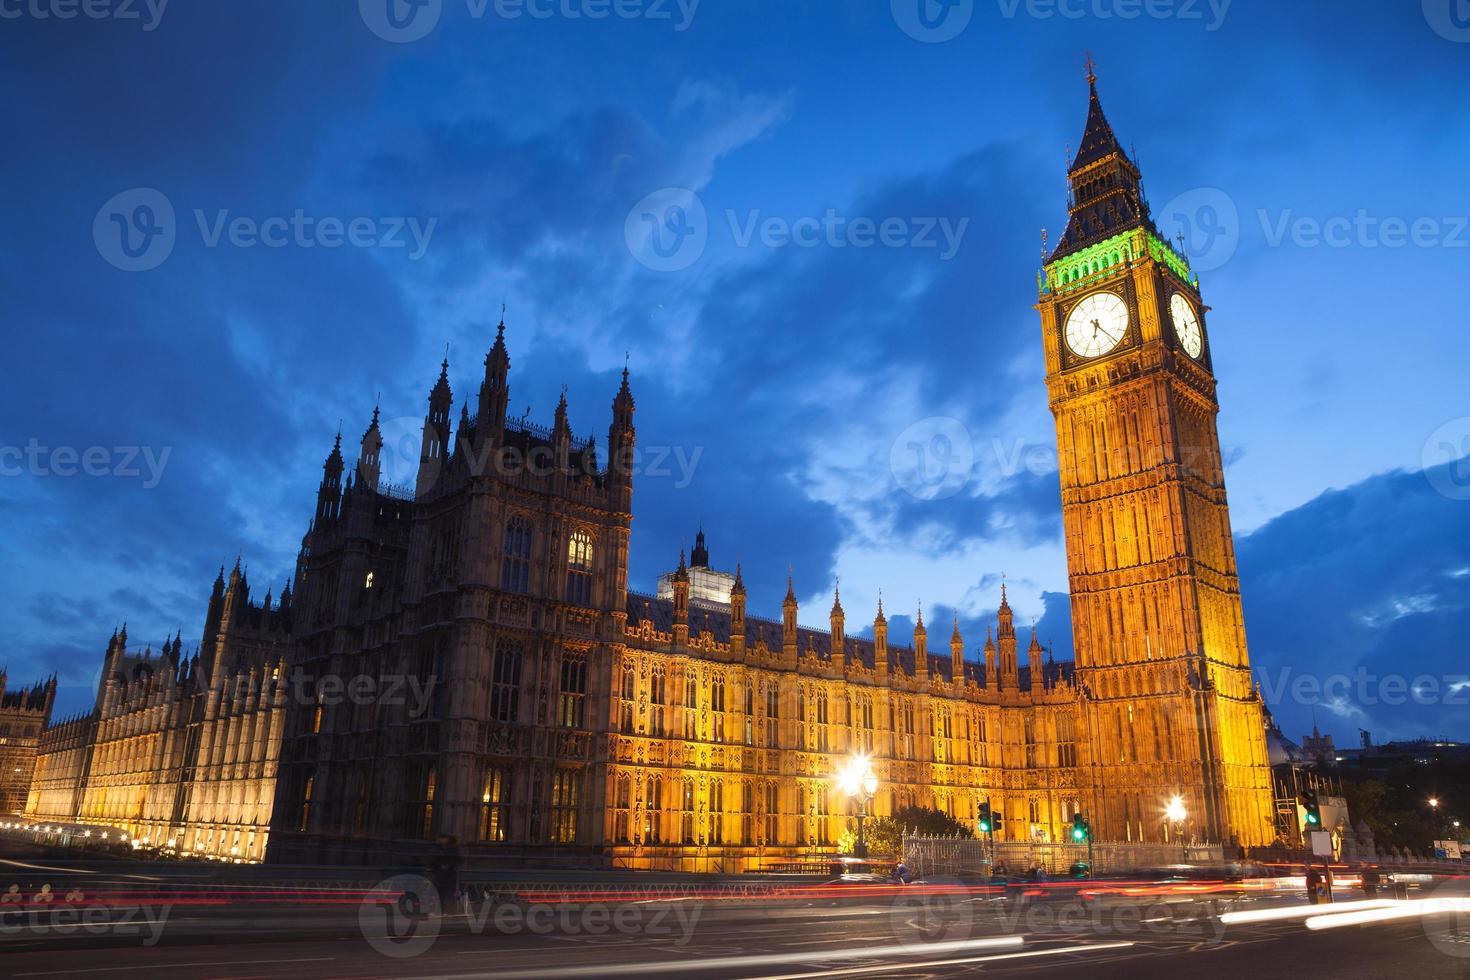 Palace of Westminster Big Ben, Londen, Engeland, Verenigd Koninkrijk foto